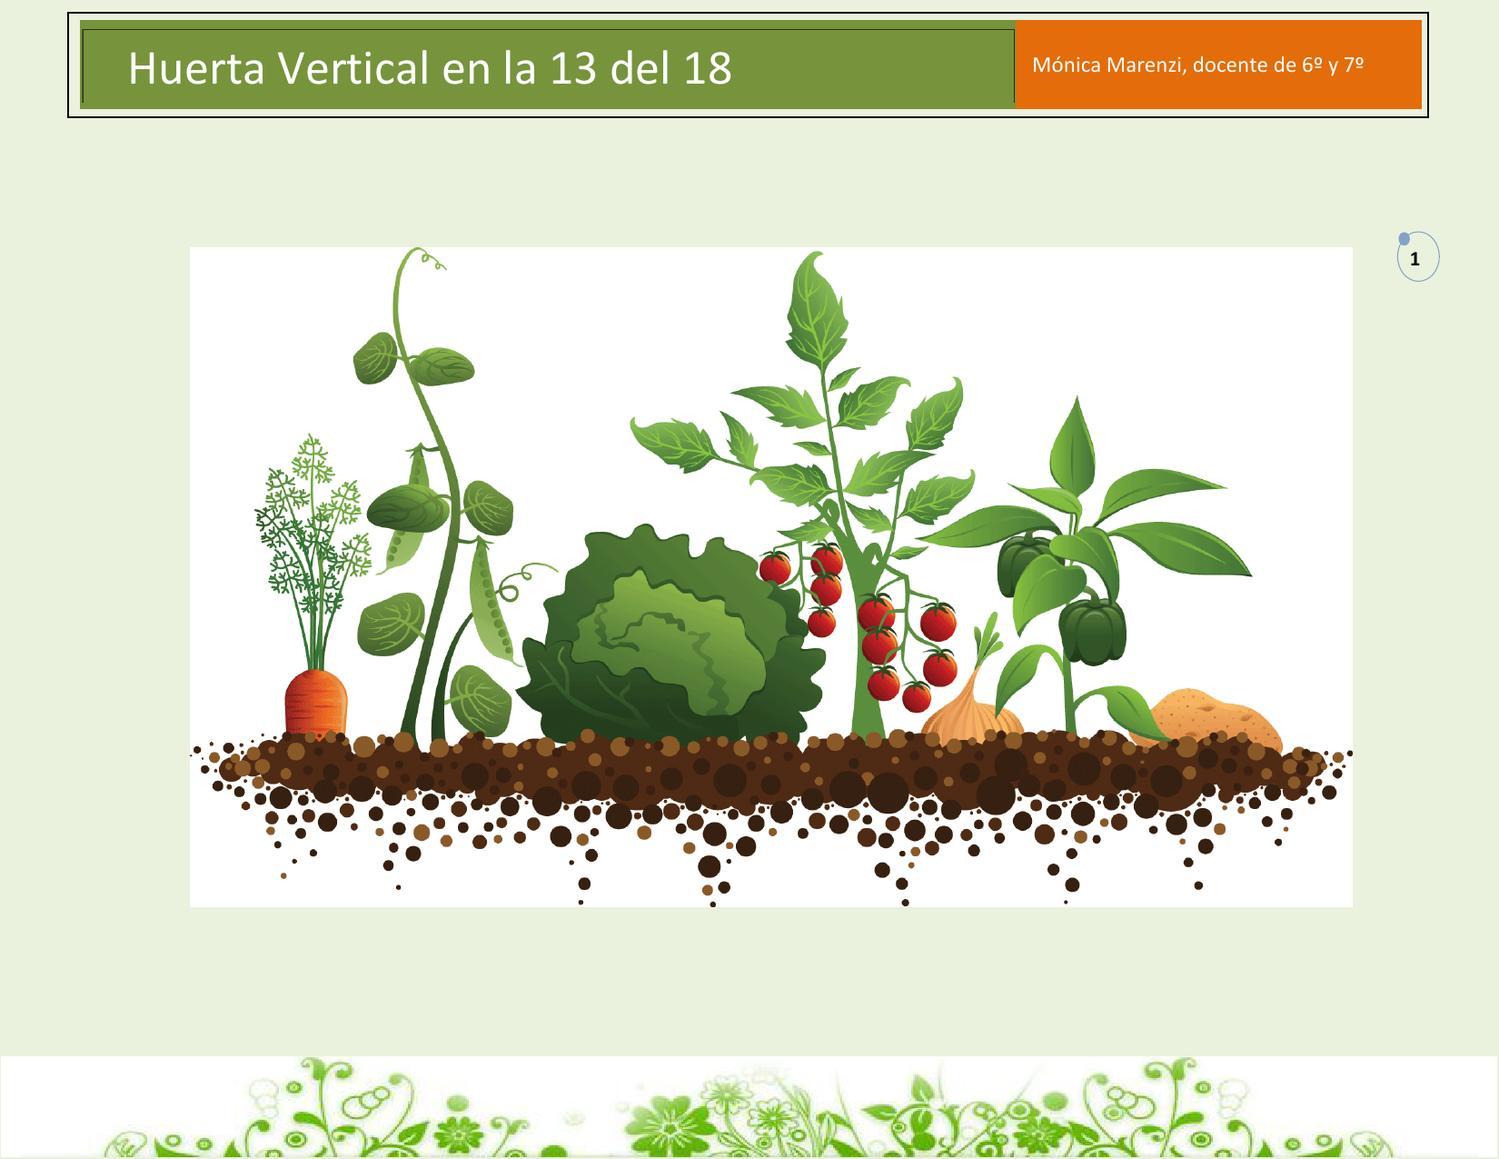 Proyecto huerta vertical en la 13 by monica marenzi issuu for Imagenes del huerto vertical